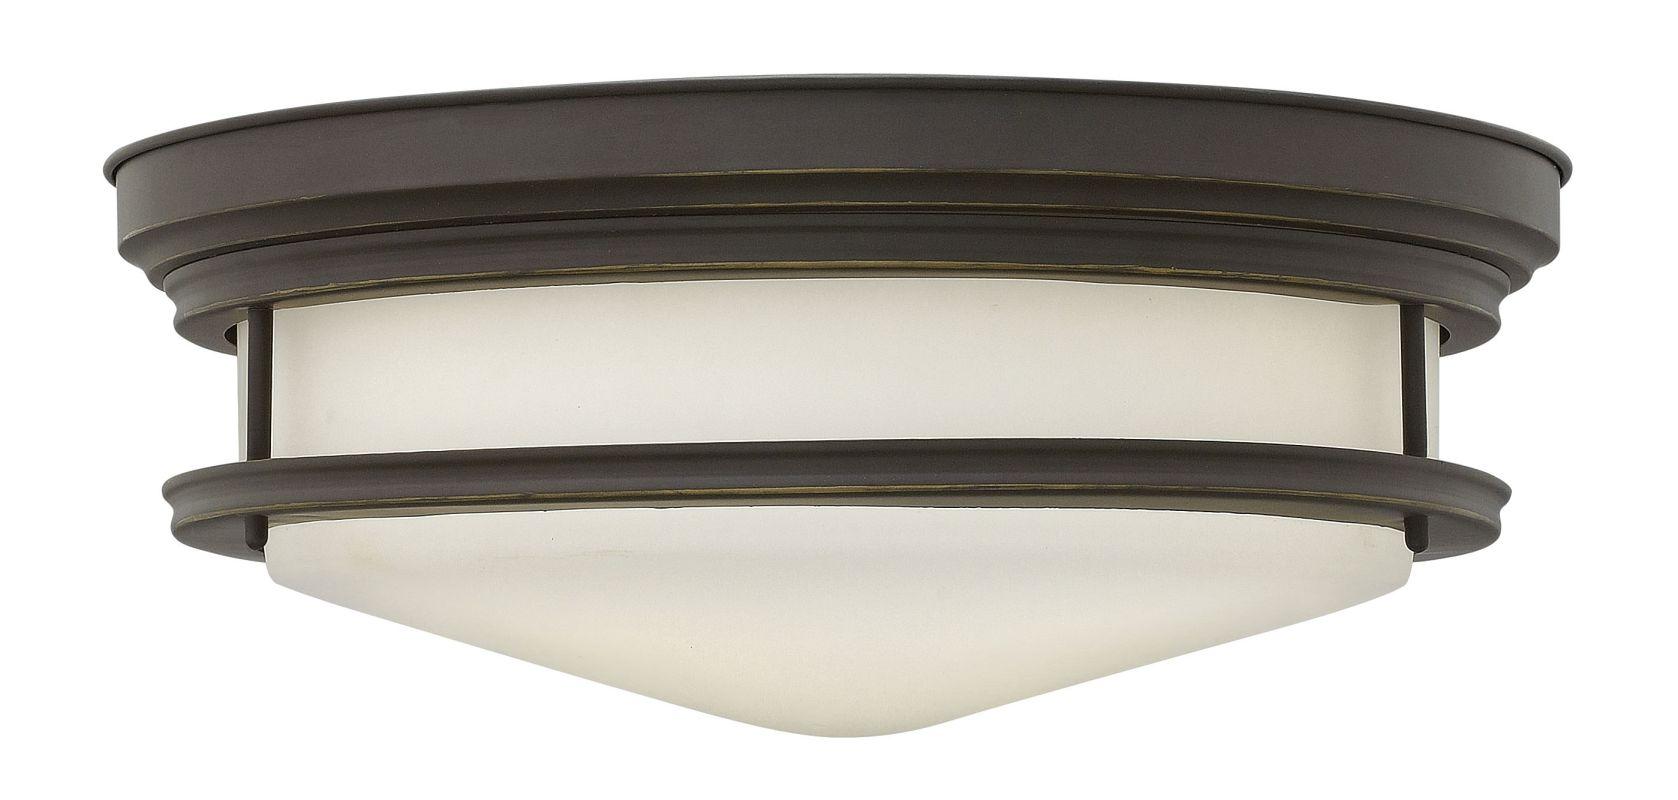 Hinkley Lighting 3304-LED 1 Light LED Indoor Flush Mount Ceiling Sale $699.00 ITEM#: 2233917 MODEL# :3304OZ-LED UPC#: 640665330441 :